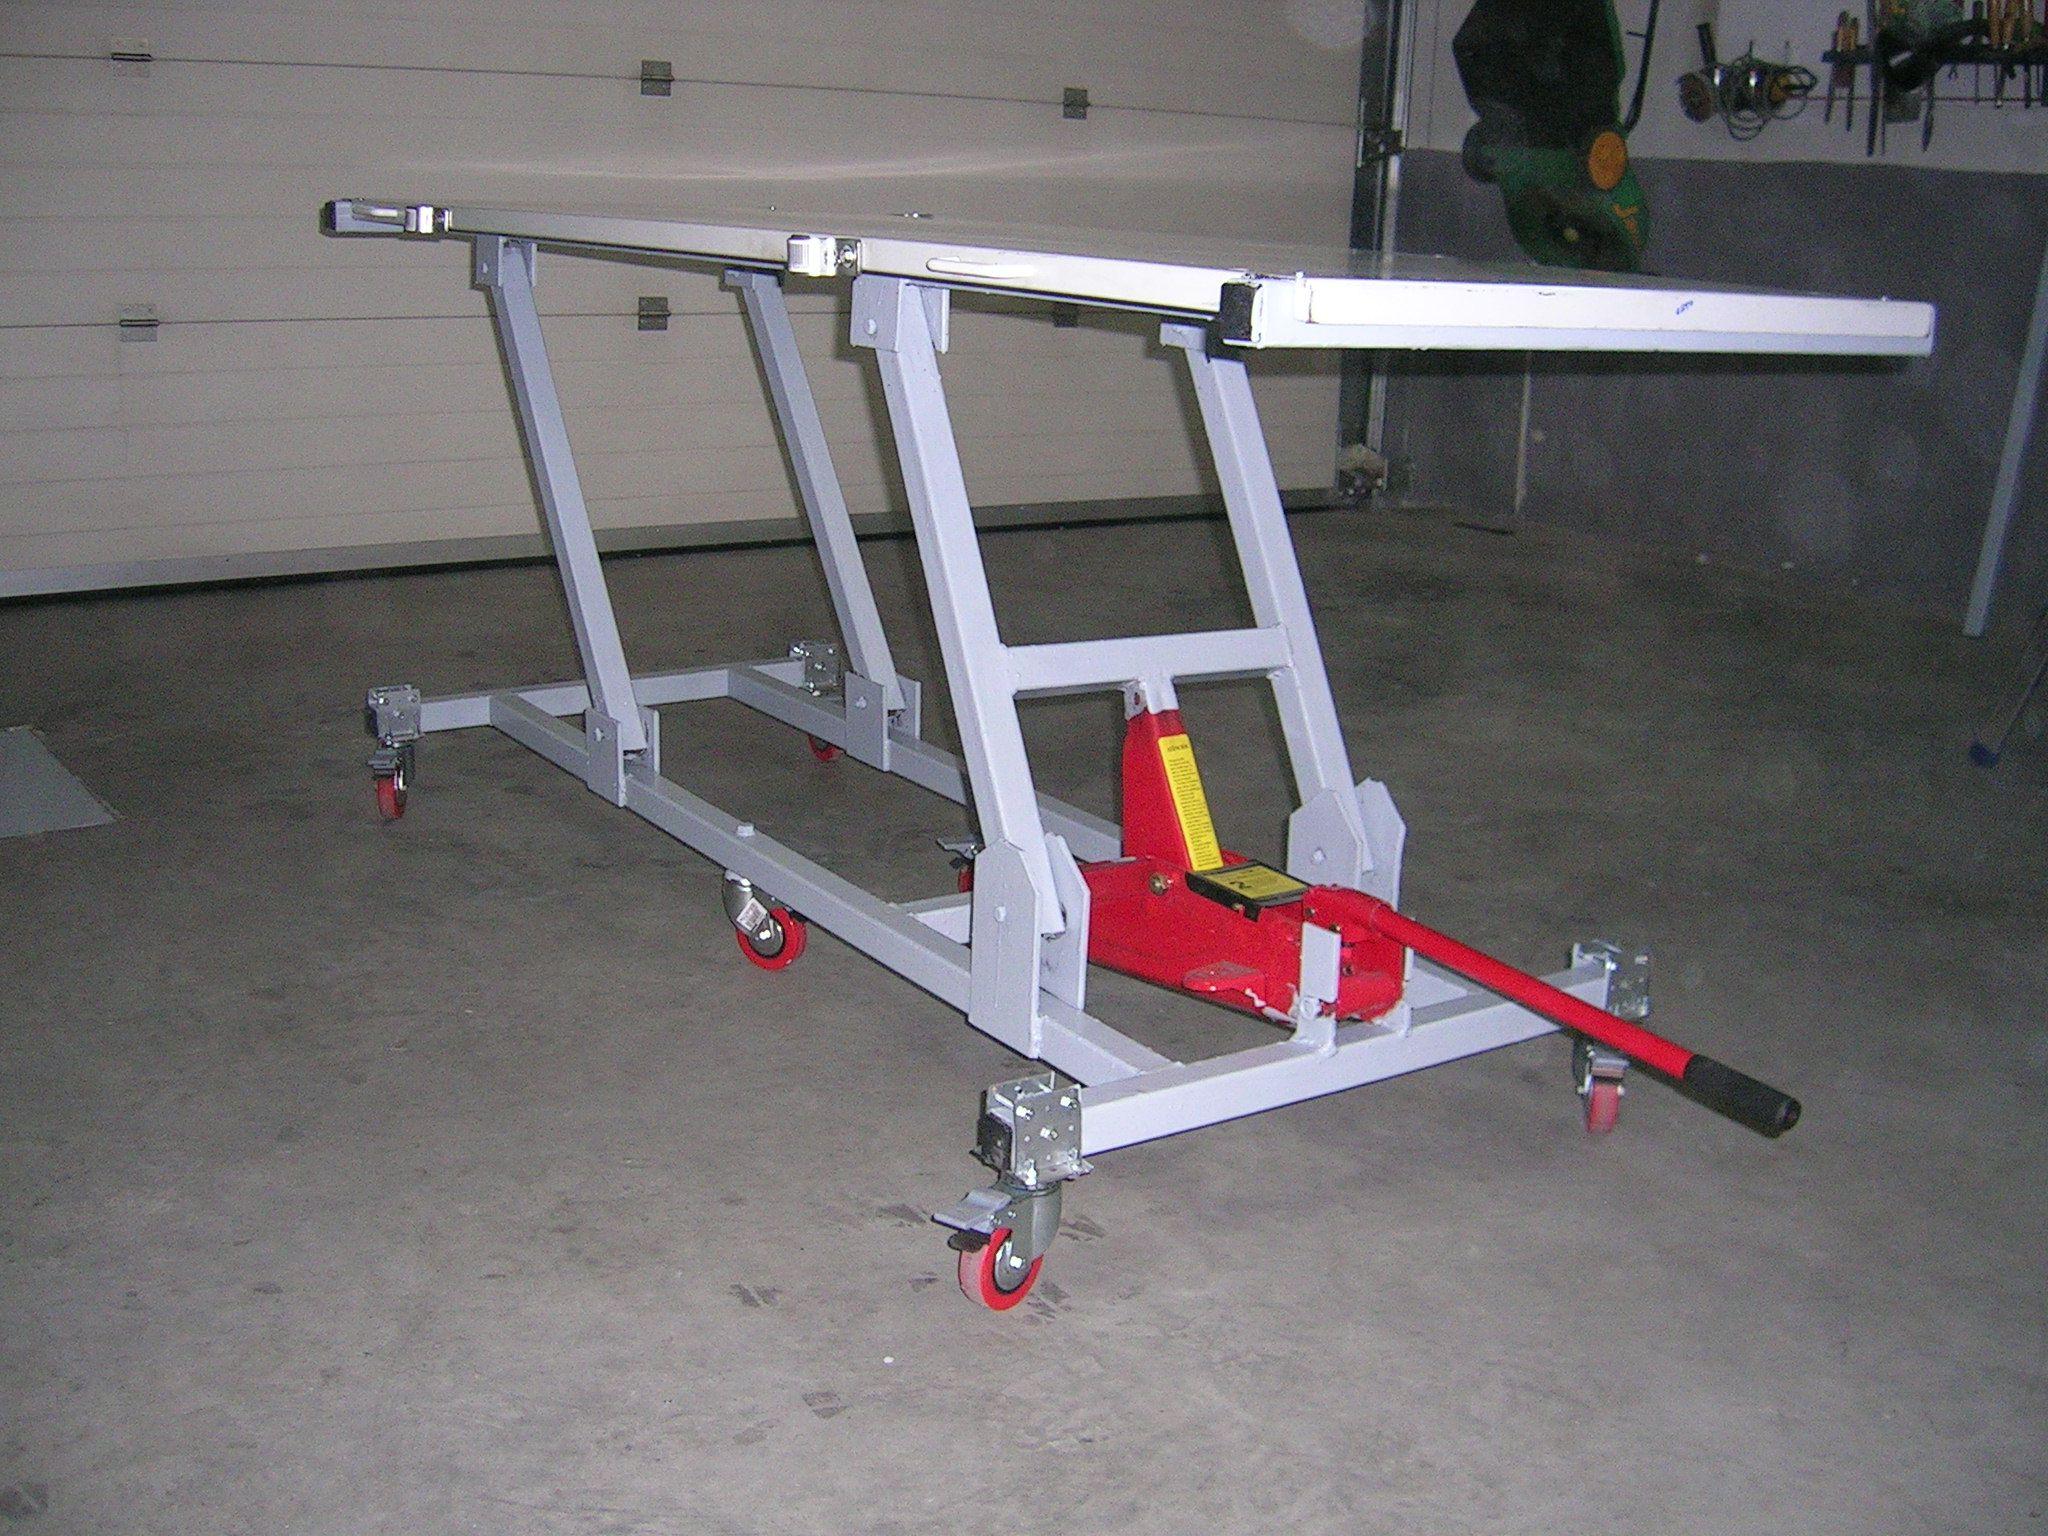 Elevador Vista Extremo Del Gato Hidráulico Rampa Para Motos Taller De Motos Garaje Para Motos